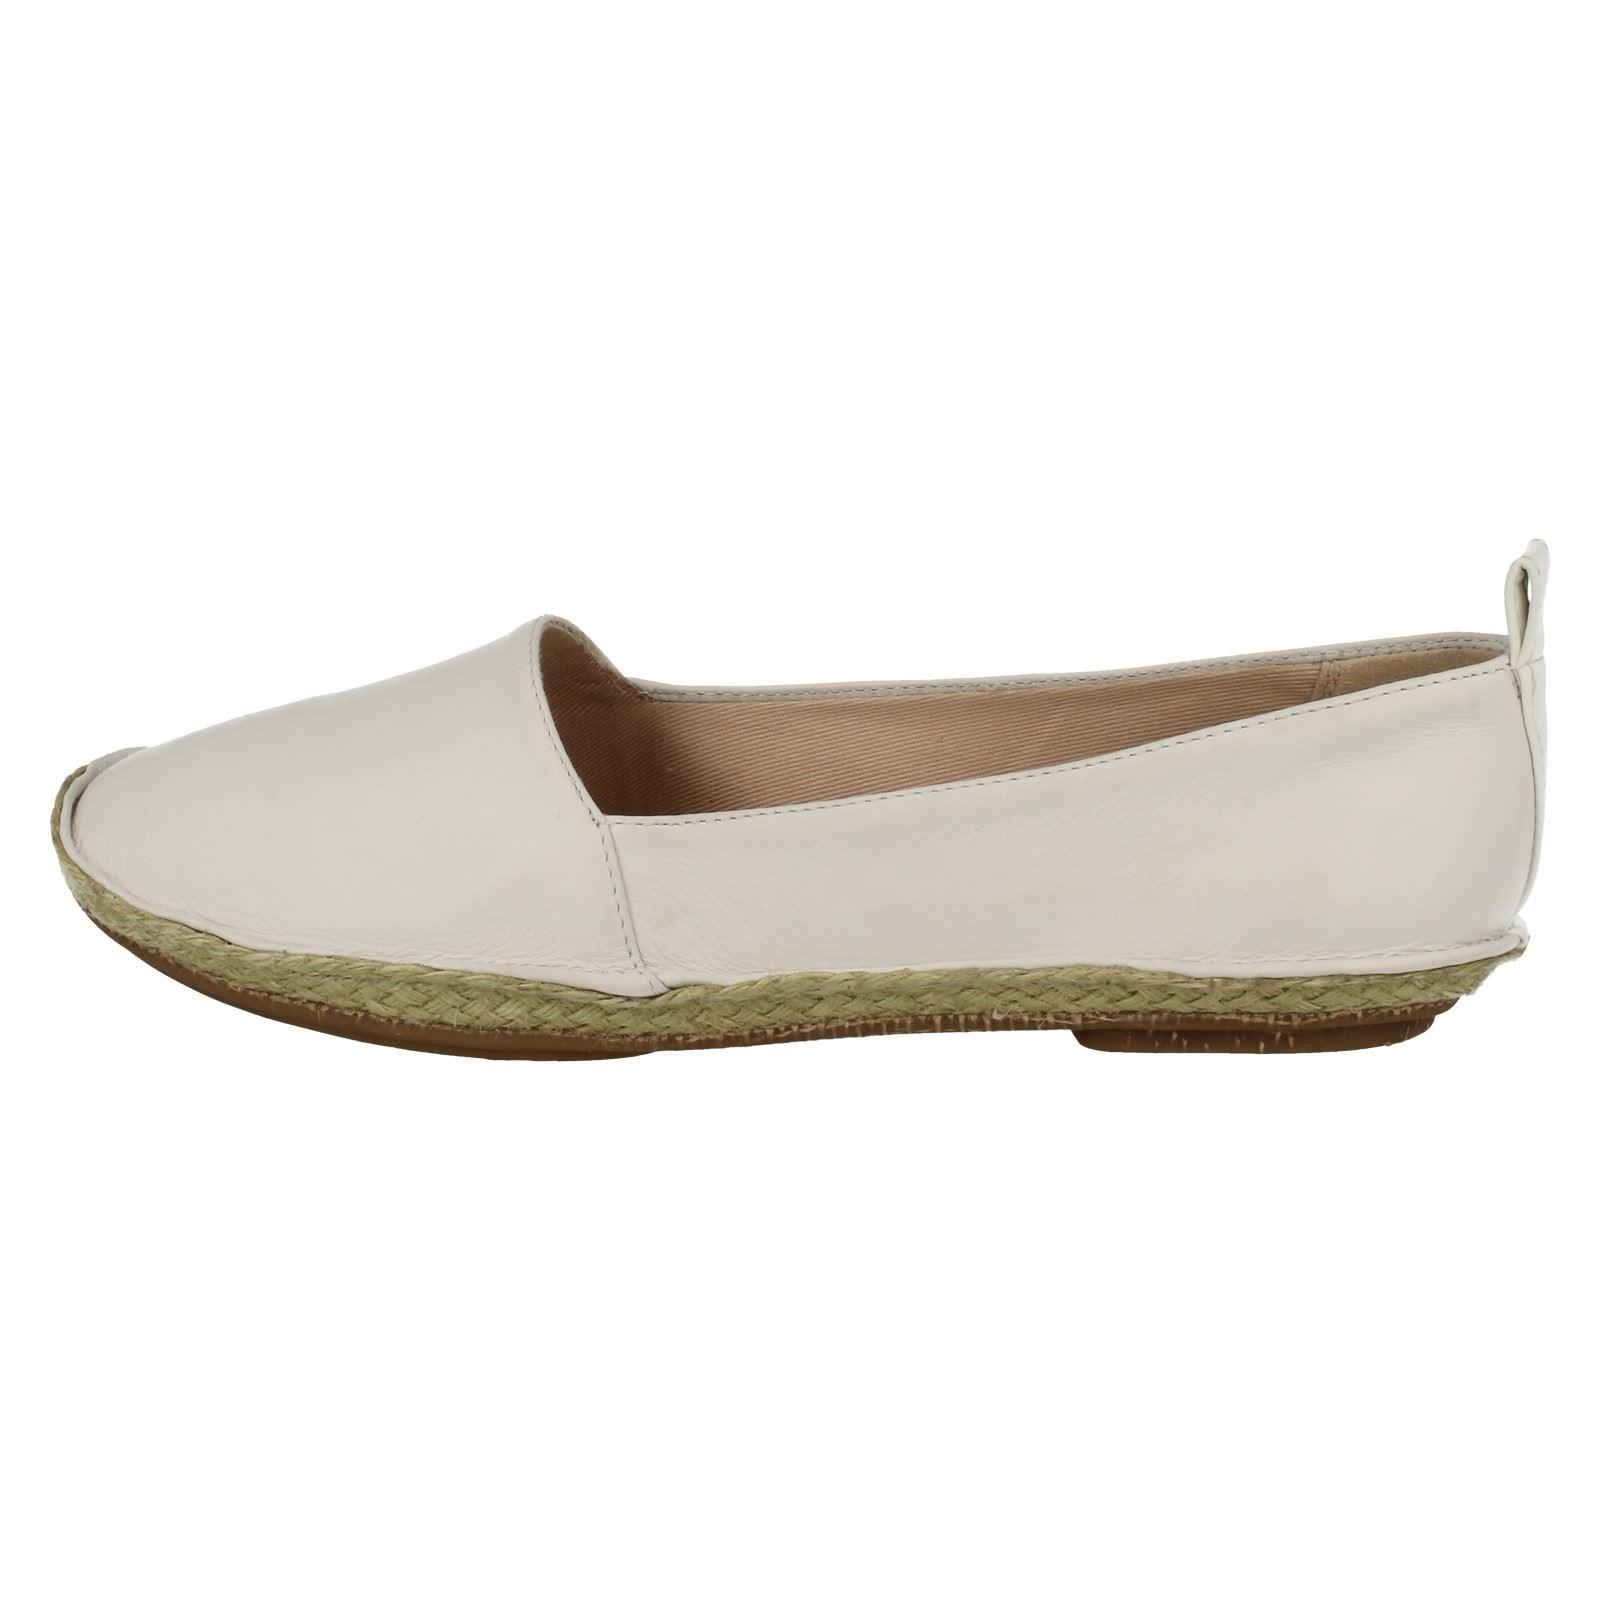 Clarks Mujer Planos Casual Zapatos SIN CIERRES CLOVELLY SOL